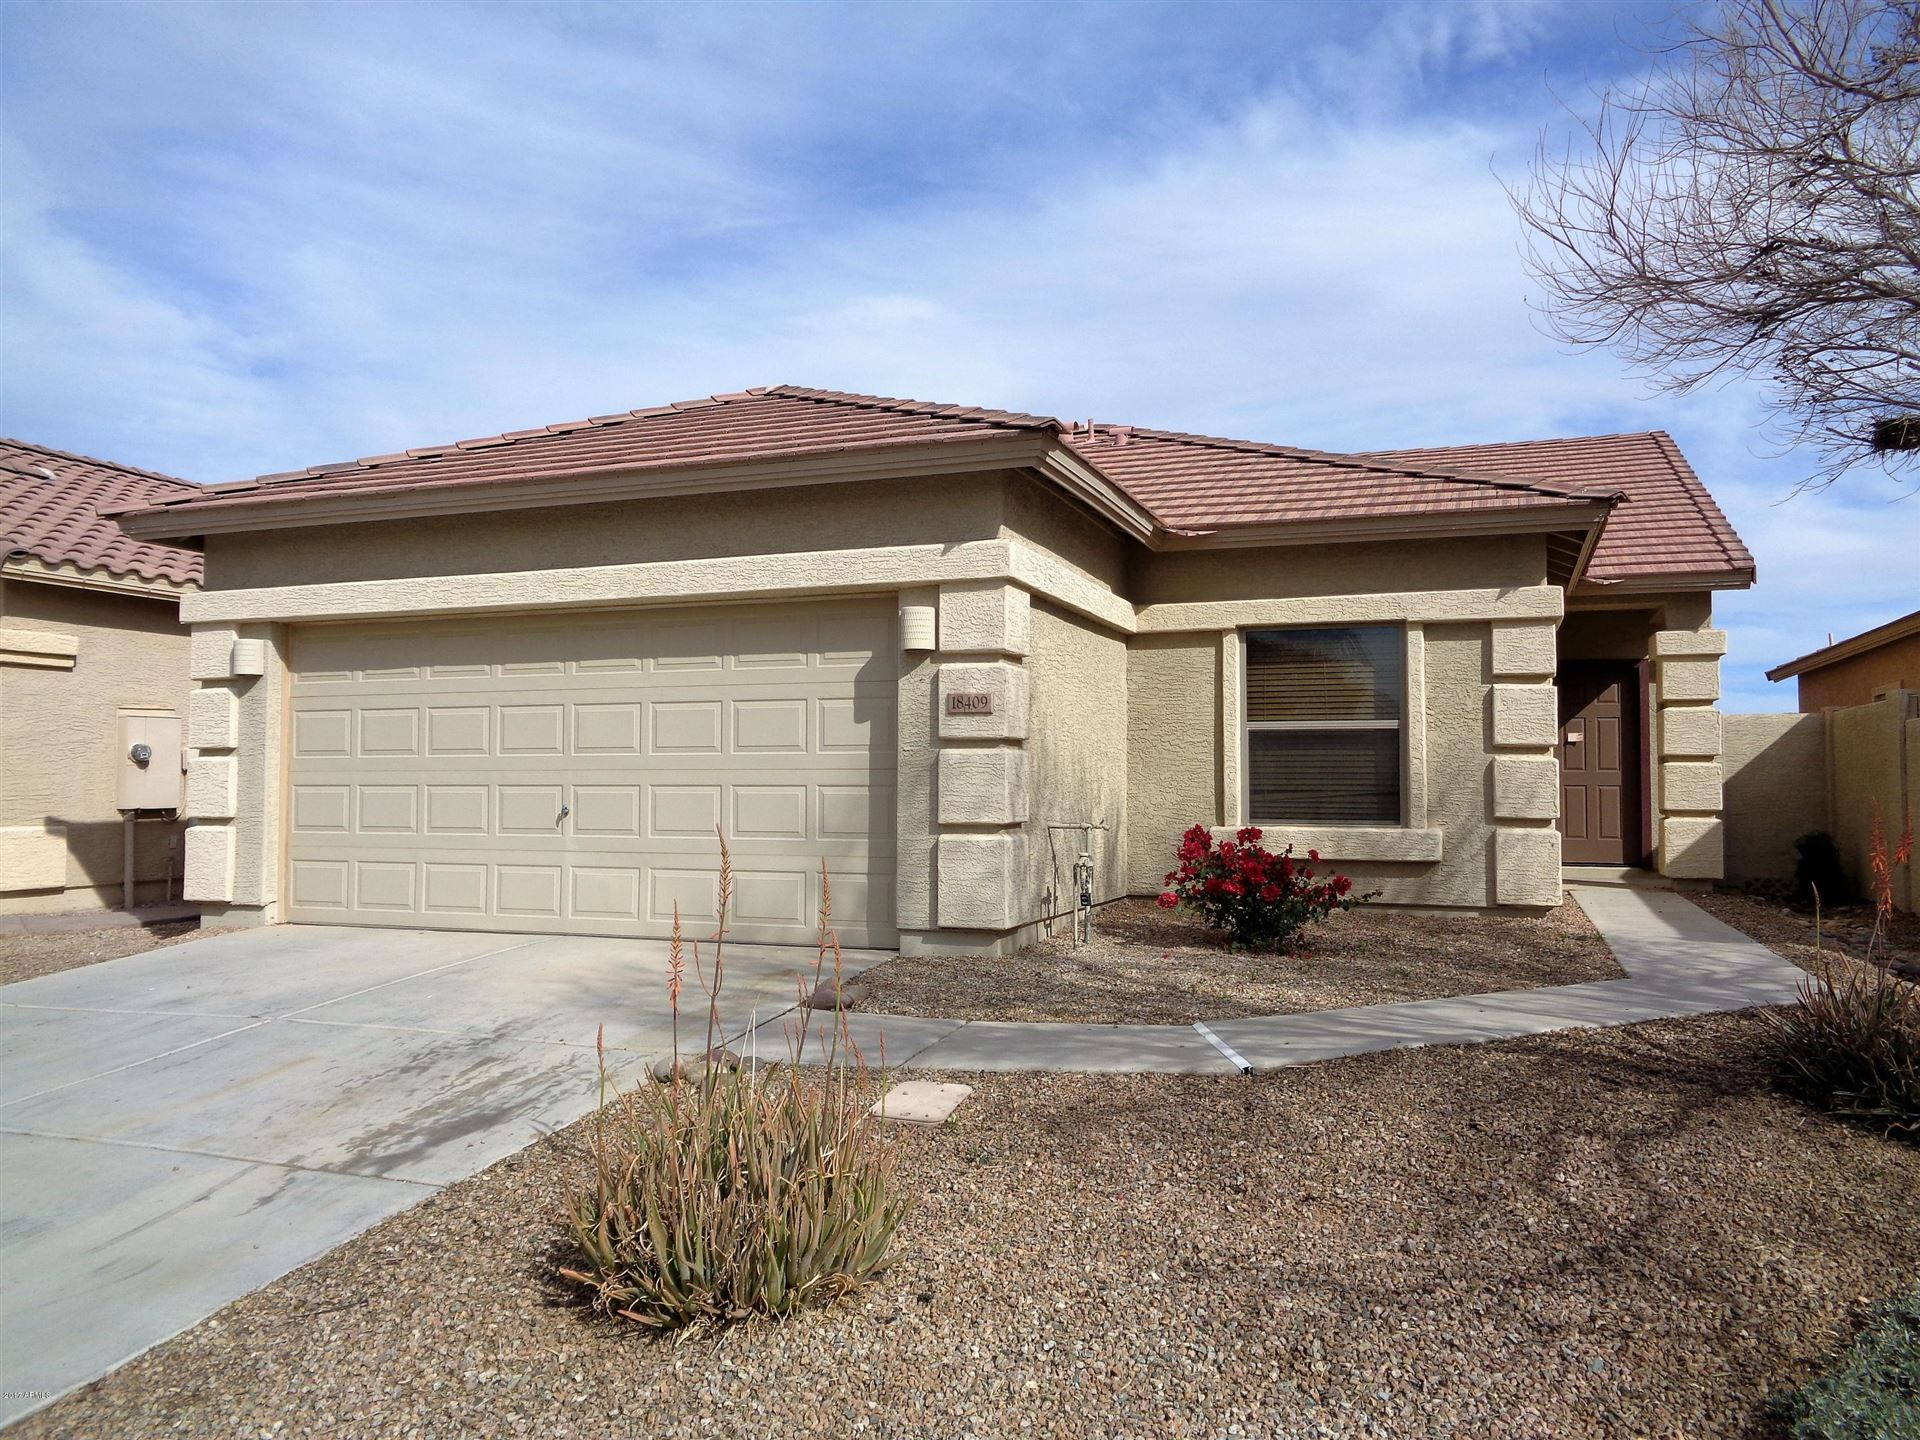 Photo of 18409 N COOK Drive, Maricopa, AZ 85138 (MLS # 6201849)